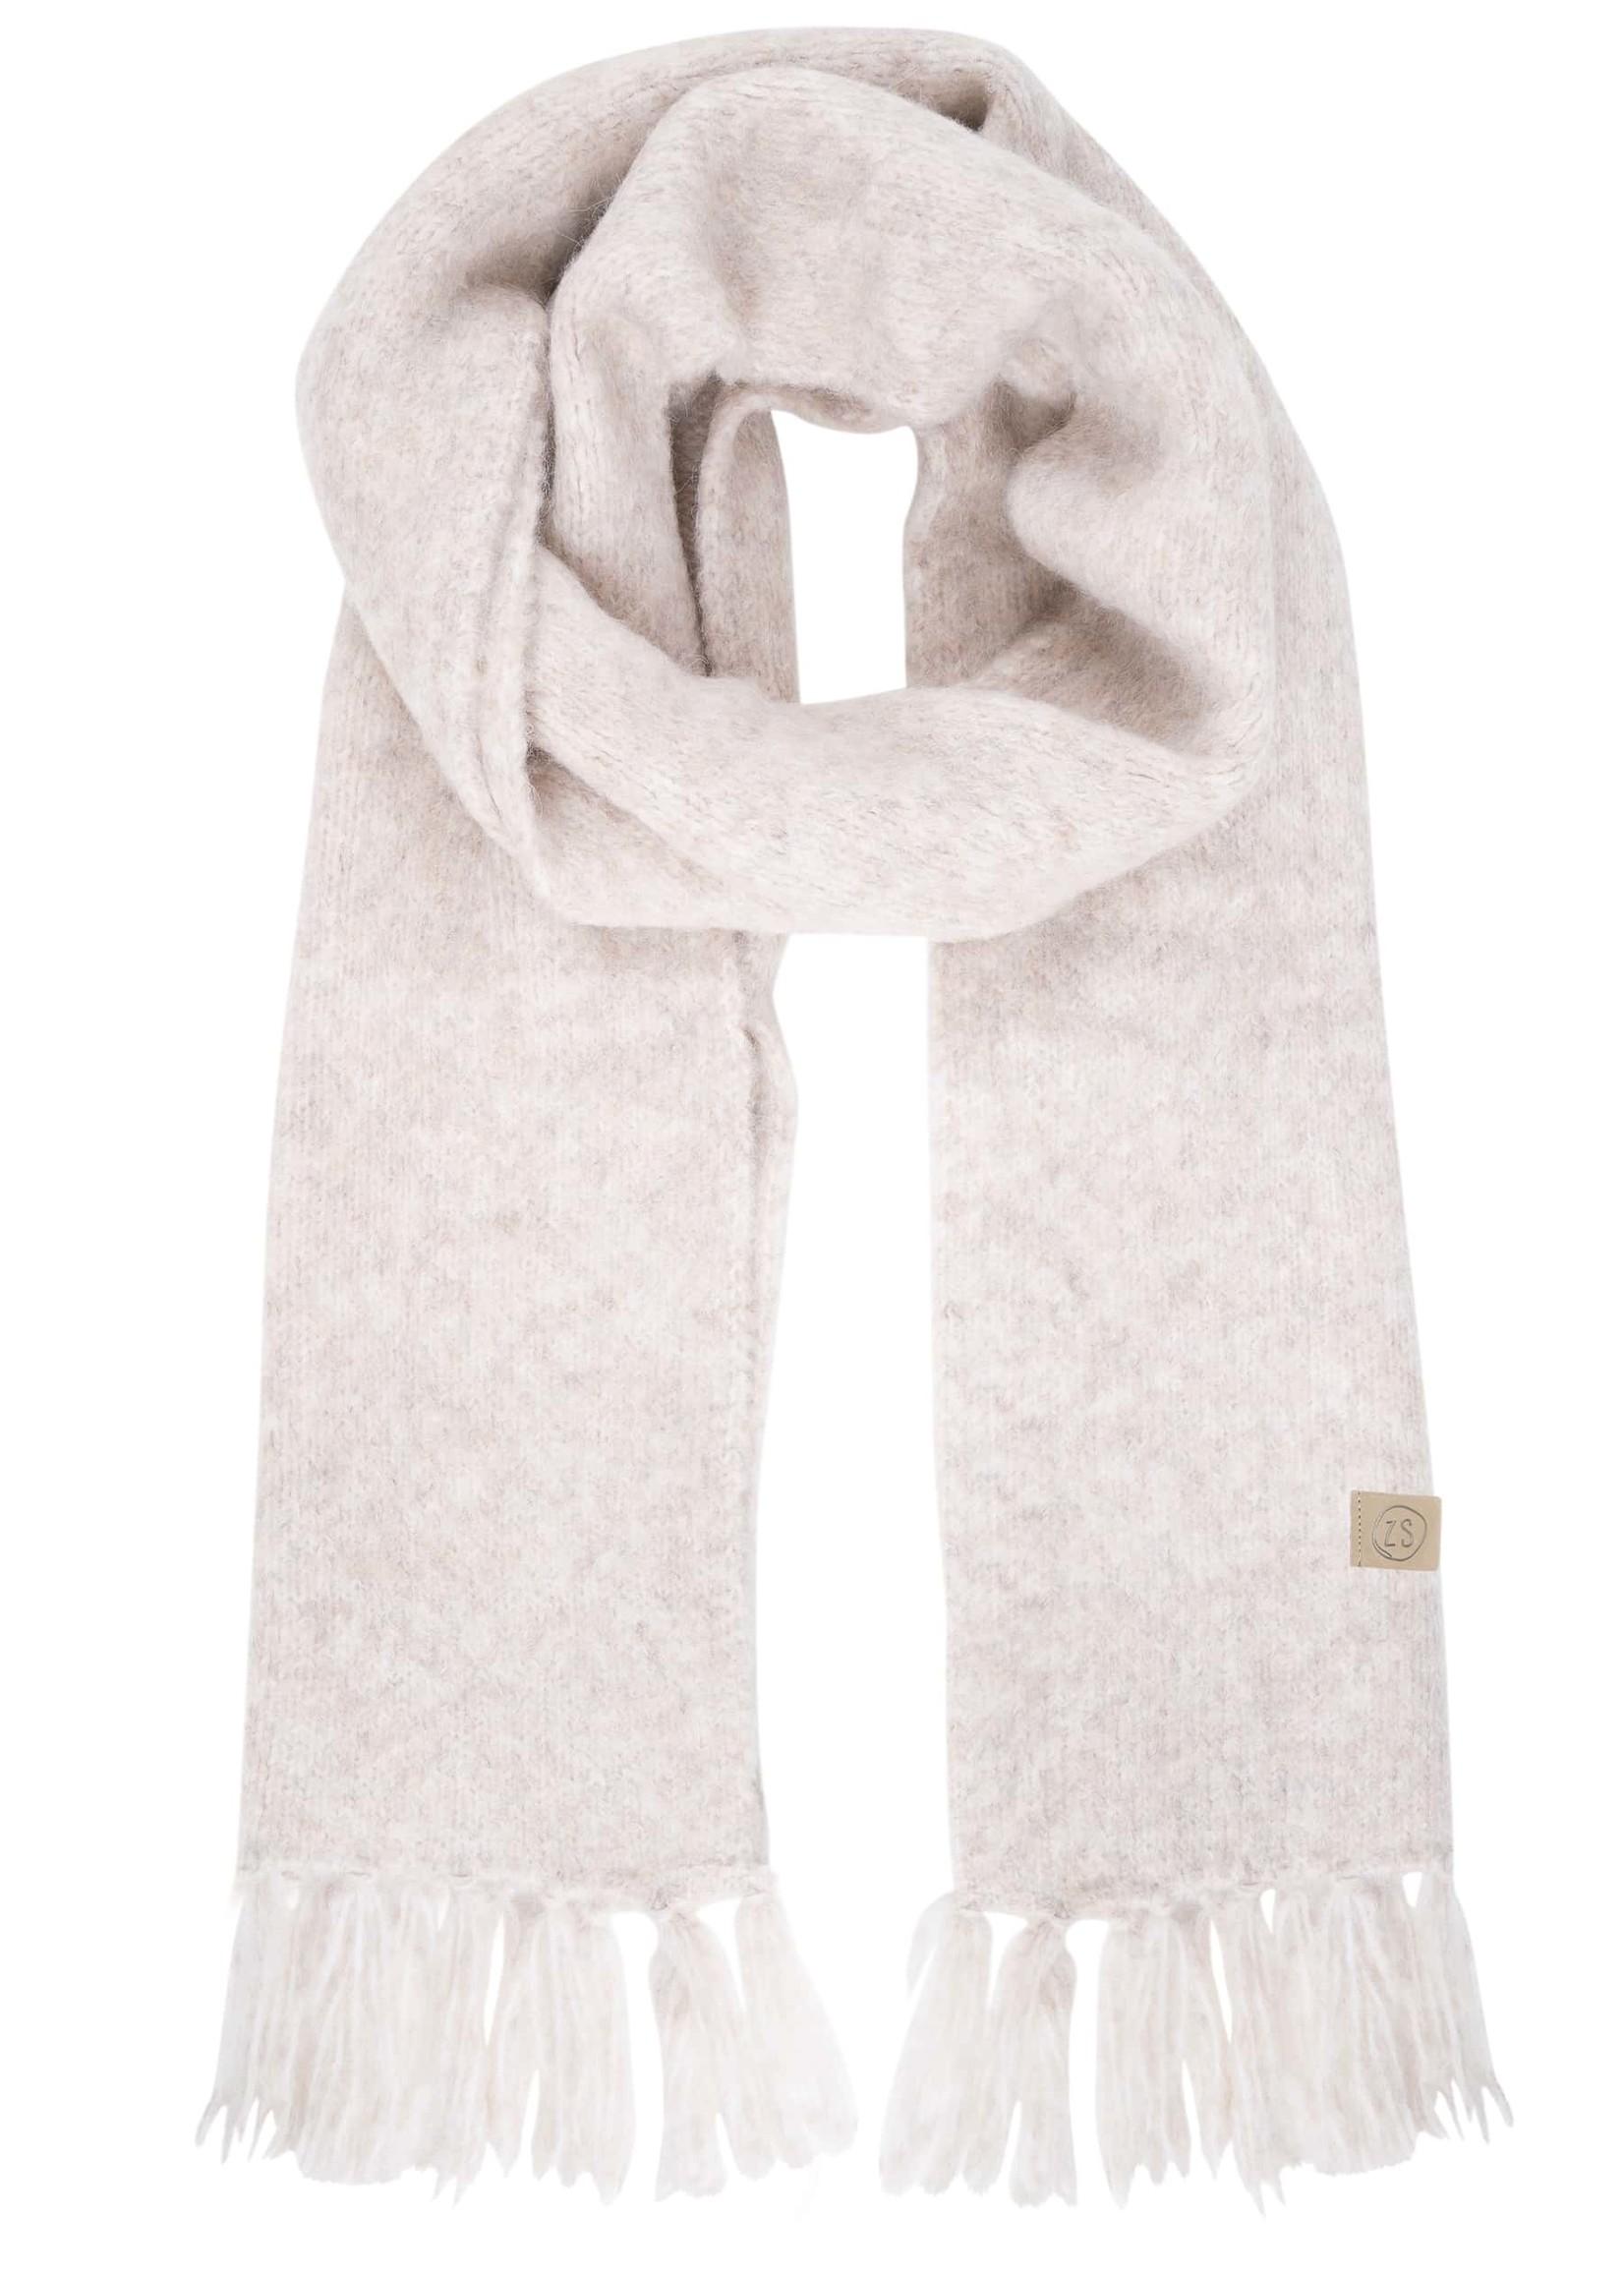 ZUSSS sjaal met franjes crème